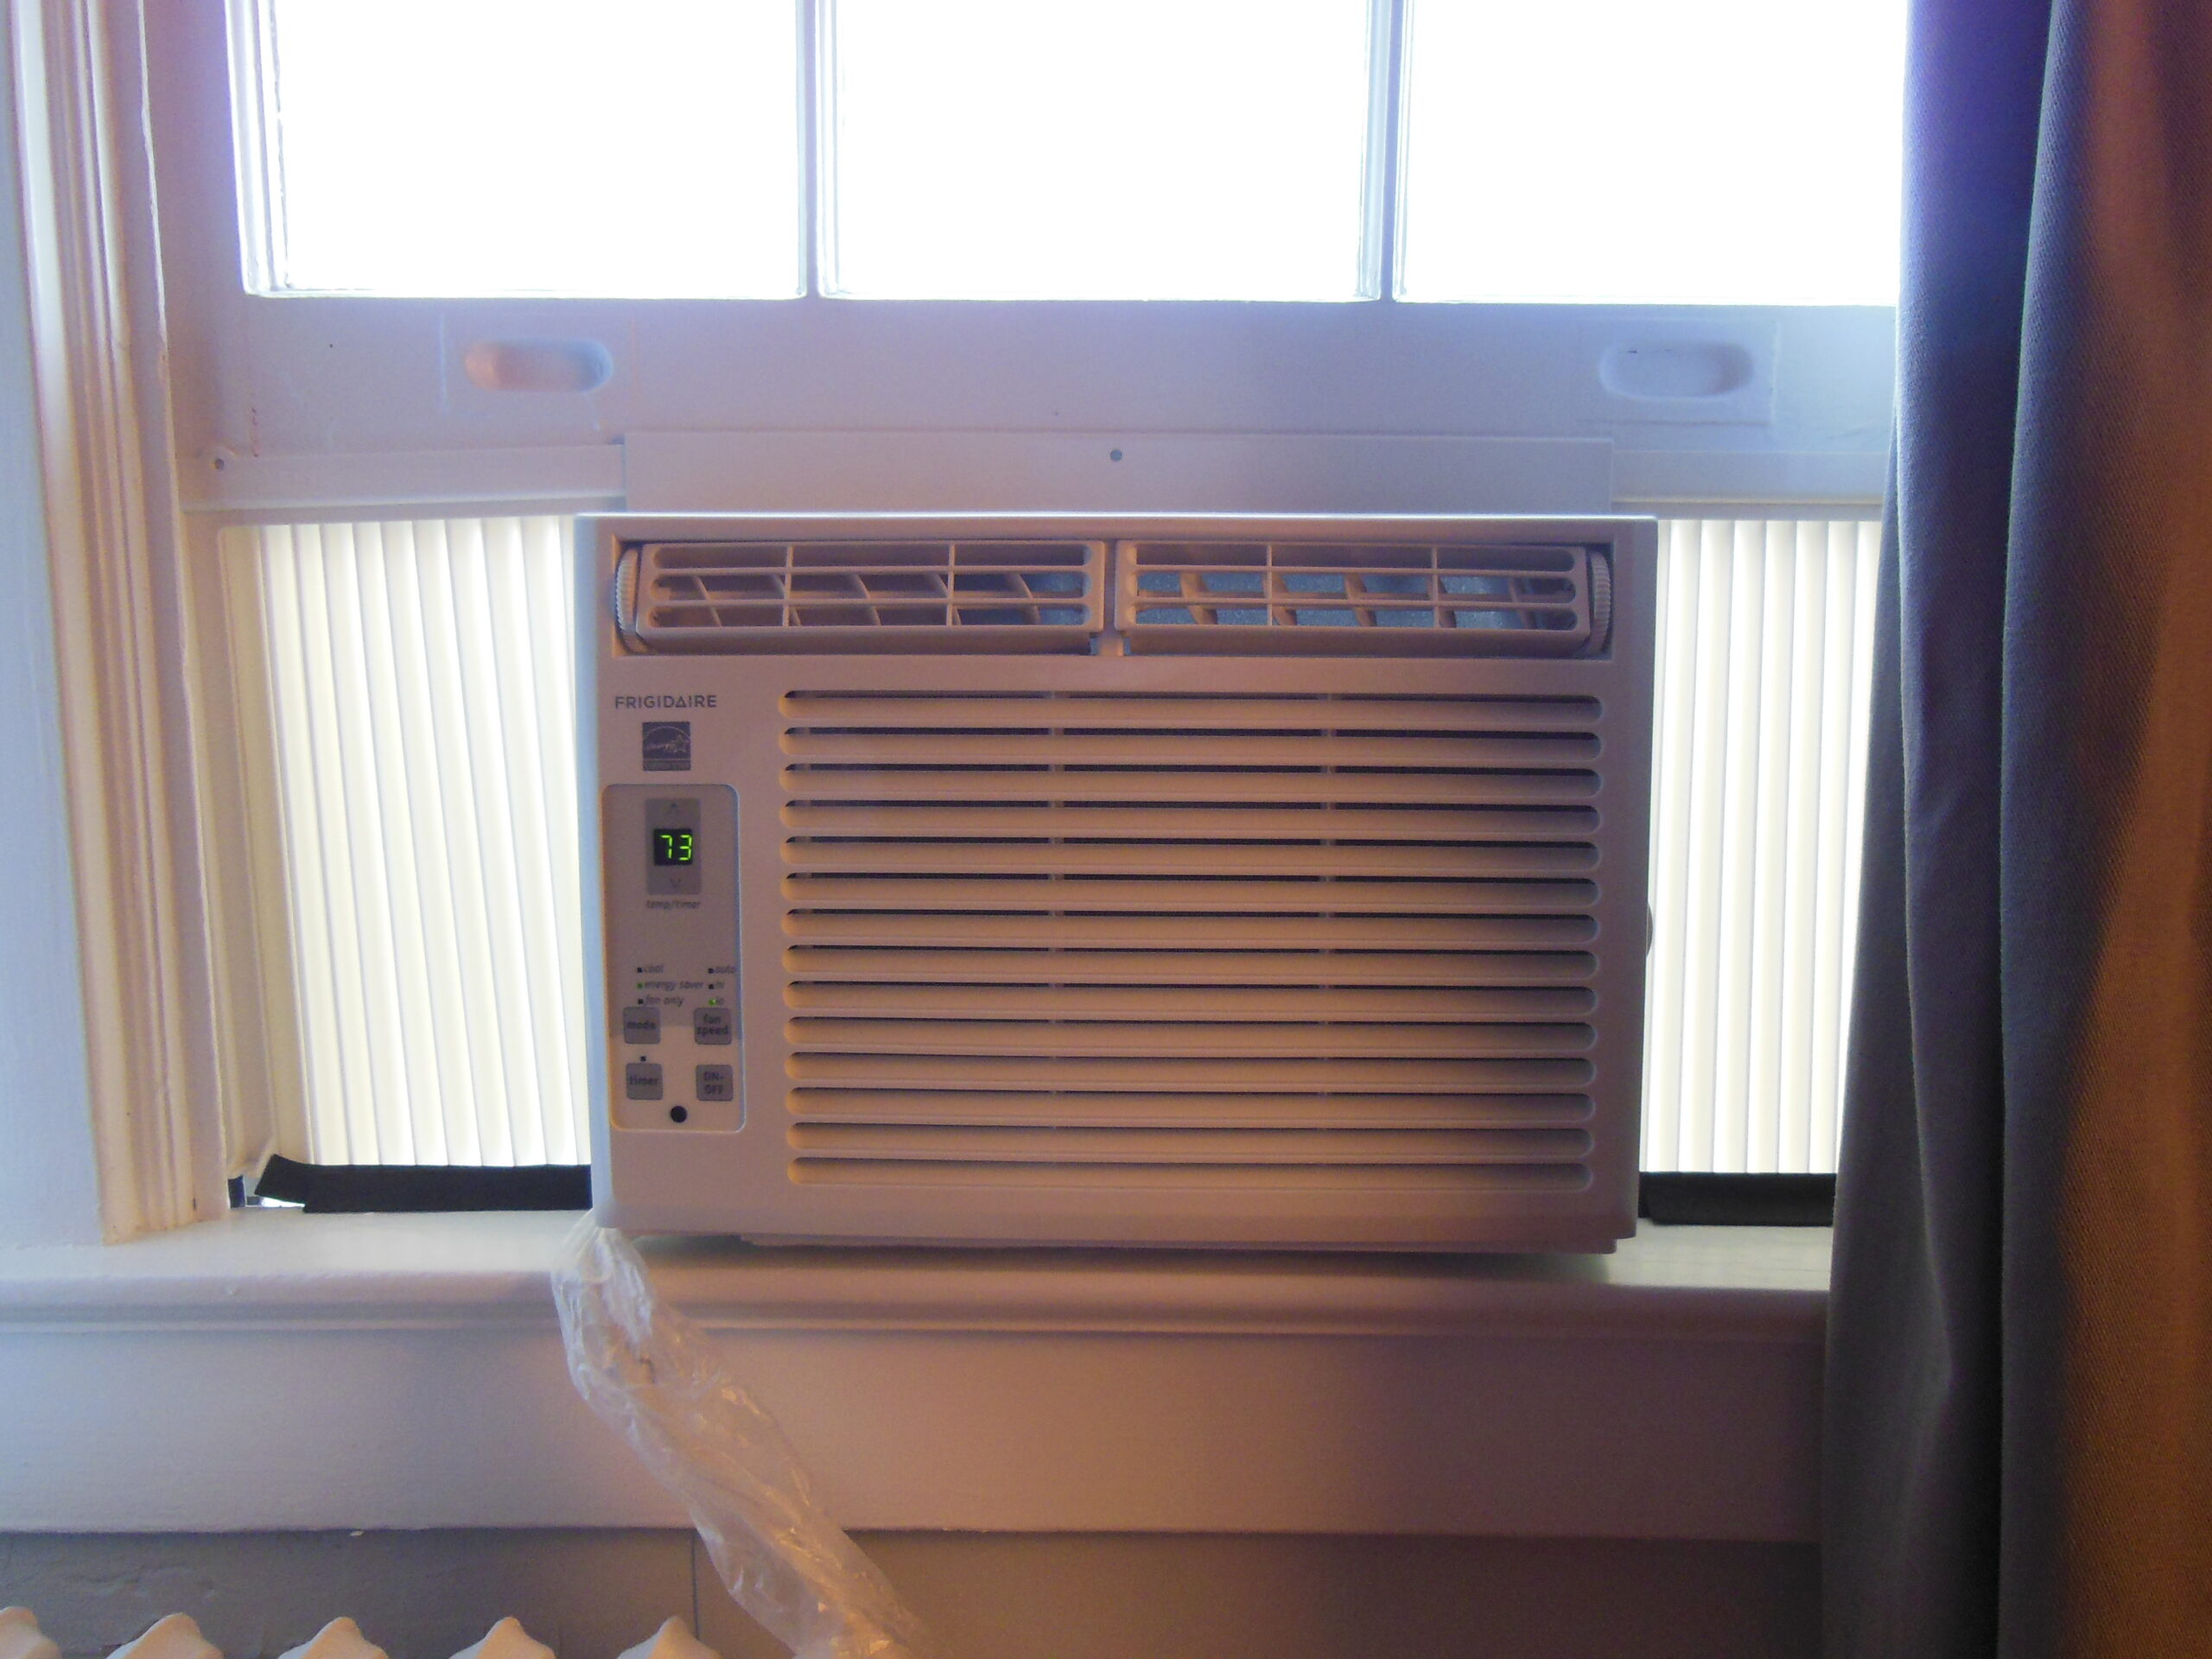 Full Size of Fenster Klimaanlage 38 Erschpft Sonnenschutz Innen Kaufen In Polen Sichtschutzfolien Für Putzen Insektenschutz Braun Abdichten Mit Sprossen Maße Wohnzimmer Fenster Klimaanlage